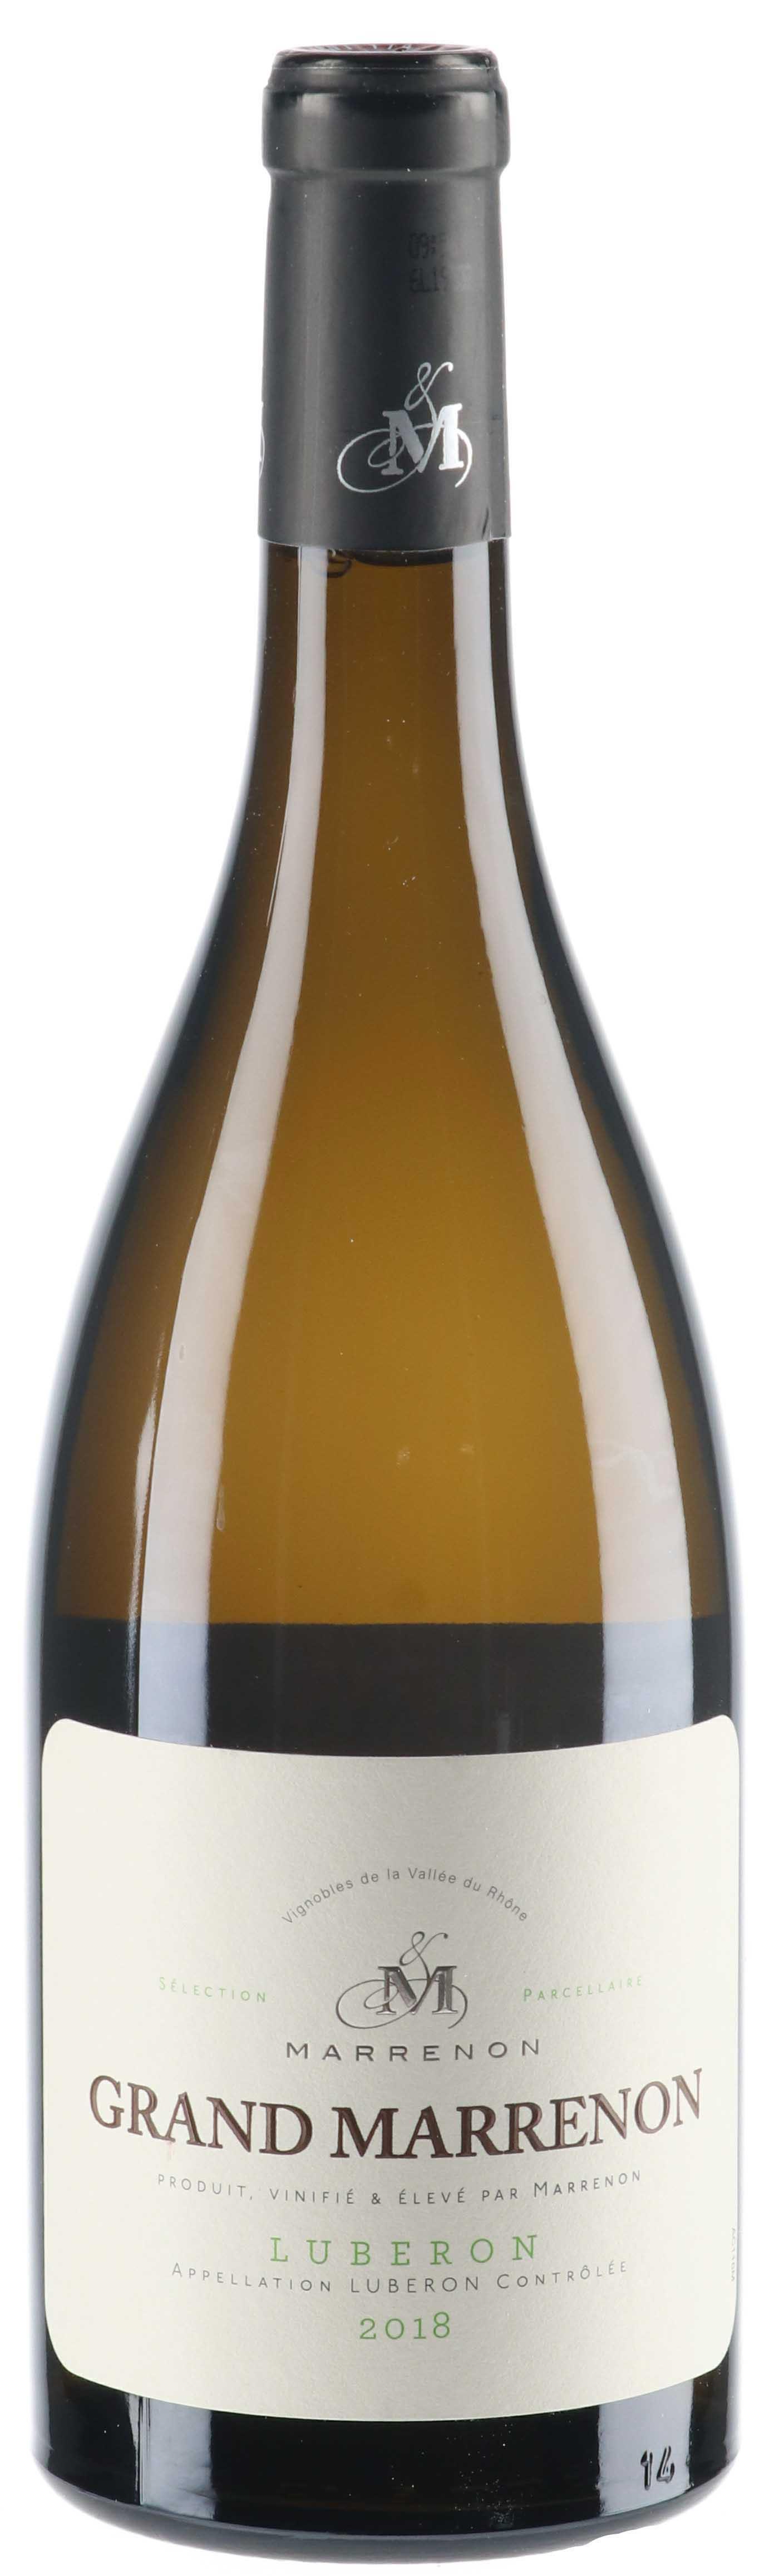 Grand Marrenon Blanc